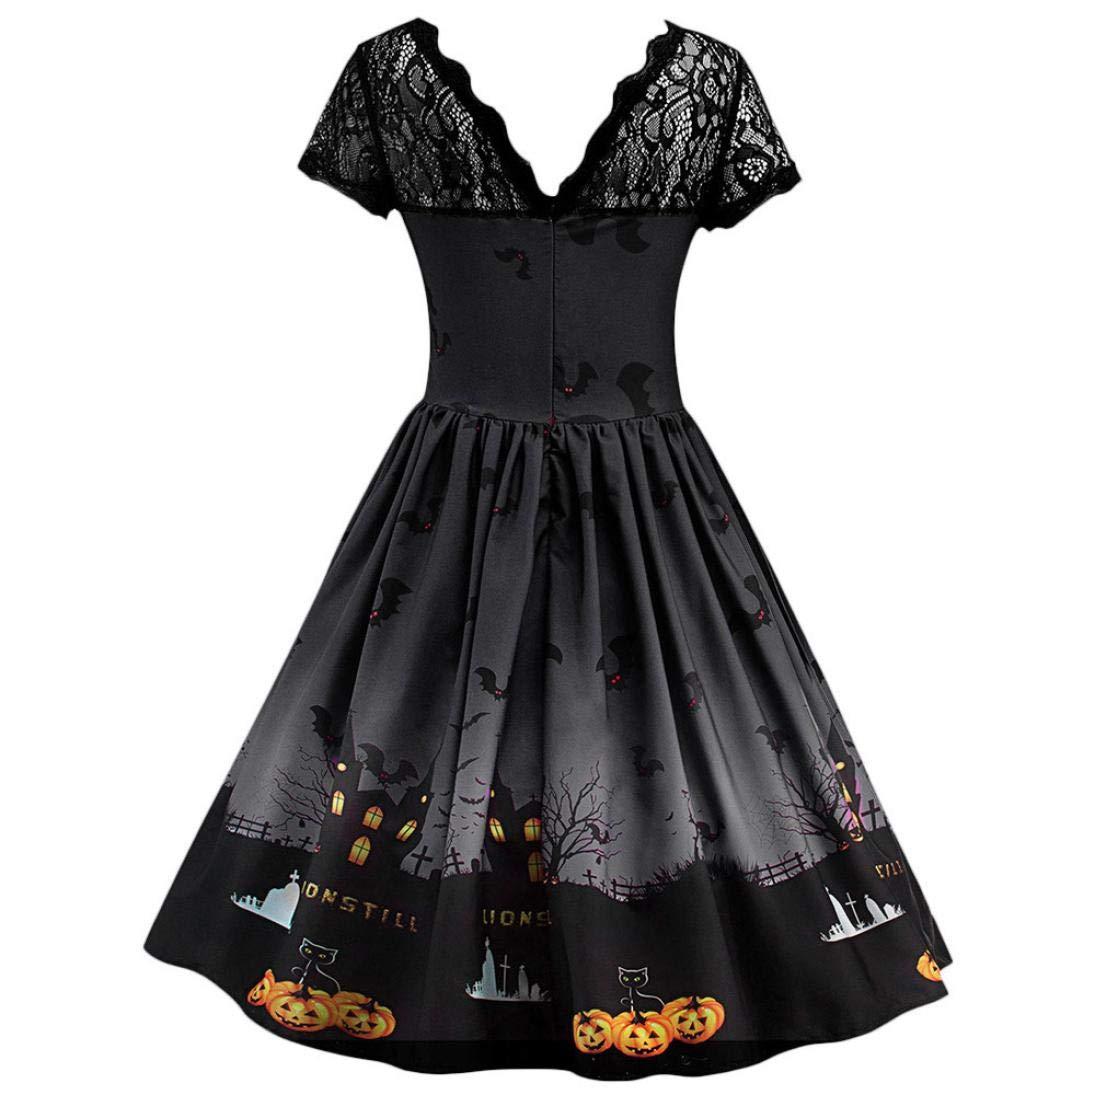 DEELIN Moda De La Mujer Caliente Venta De Halloween Encaje De Manga Corta Vestido Vintage Vestido De Fiesta De Halloween Falda Hepburn(S-3XL): Amazon.es: ...